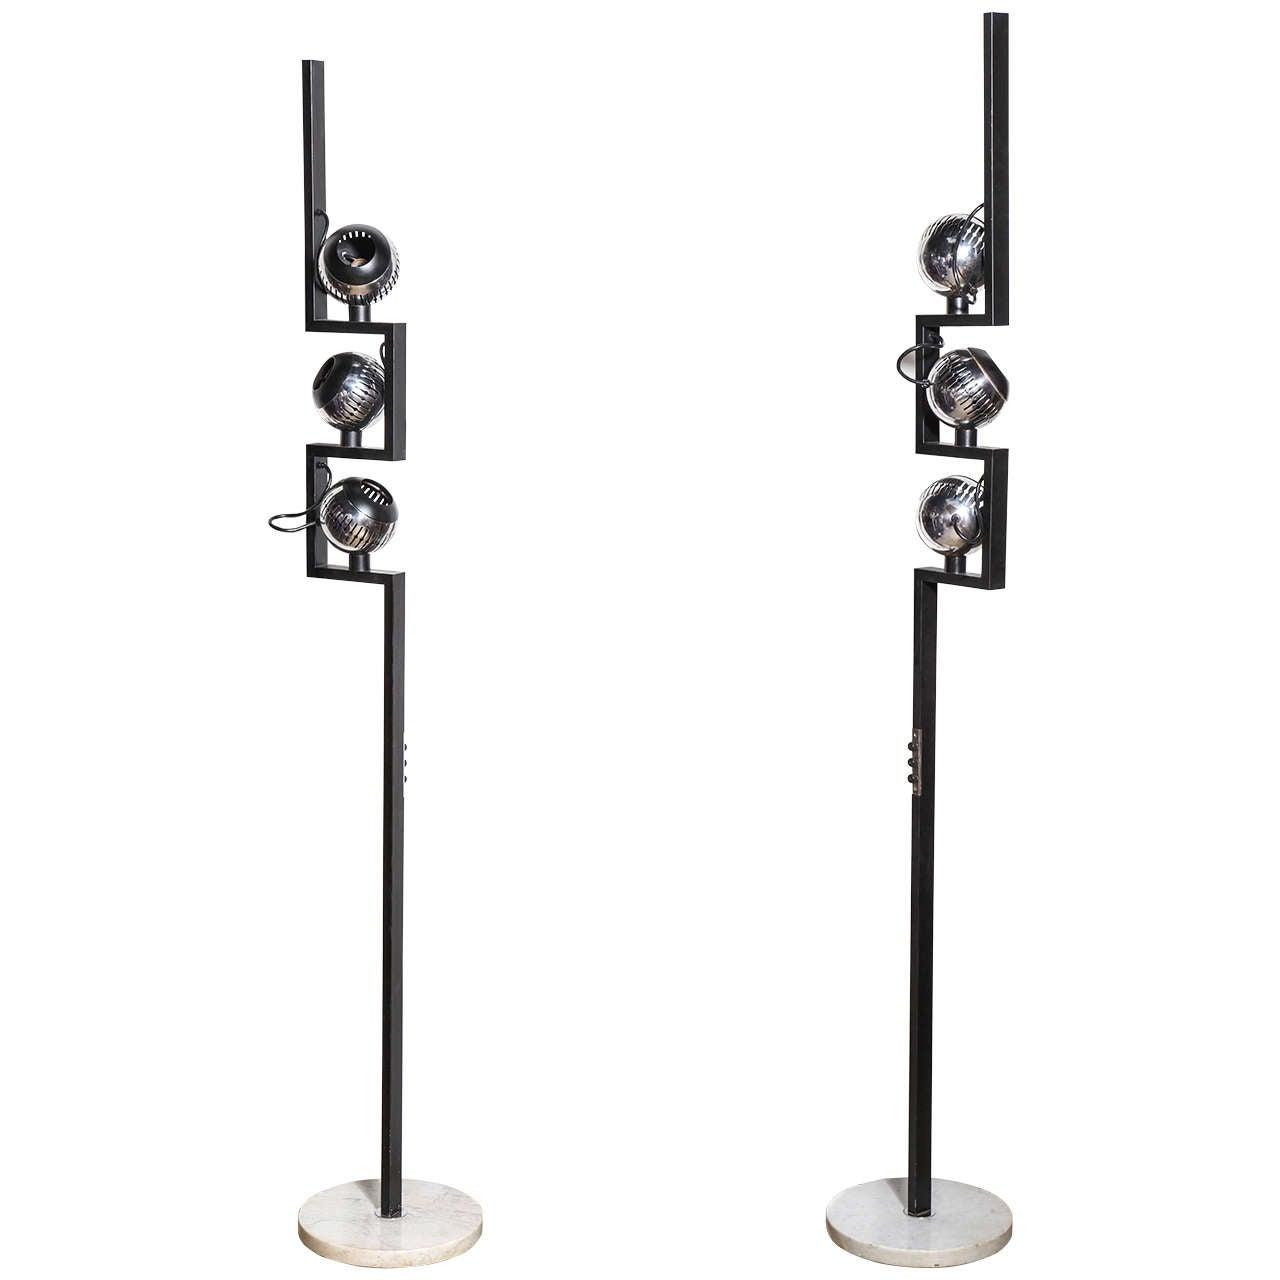 Pair of Angelo Lelli for Arredoluce Black with Marble Chrome Eyeball Floor Lamps